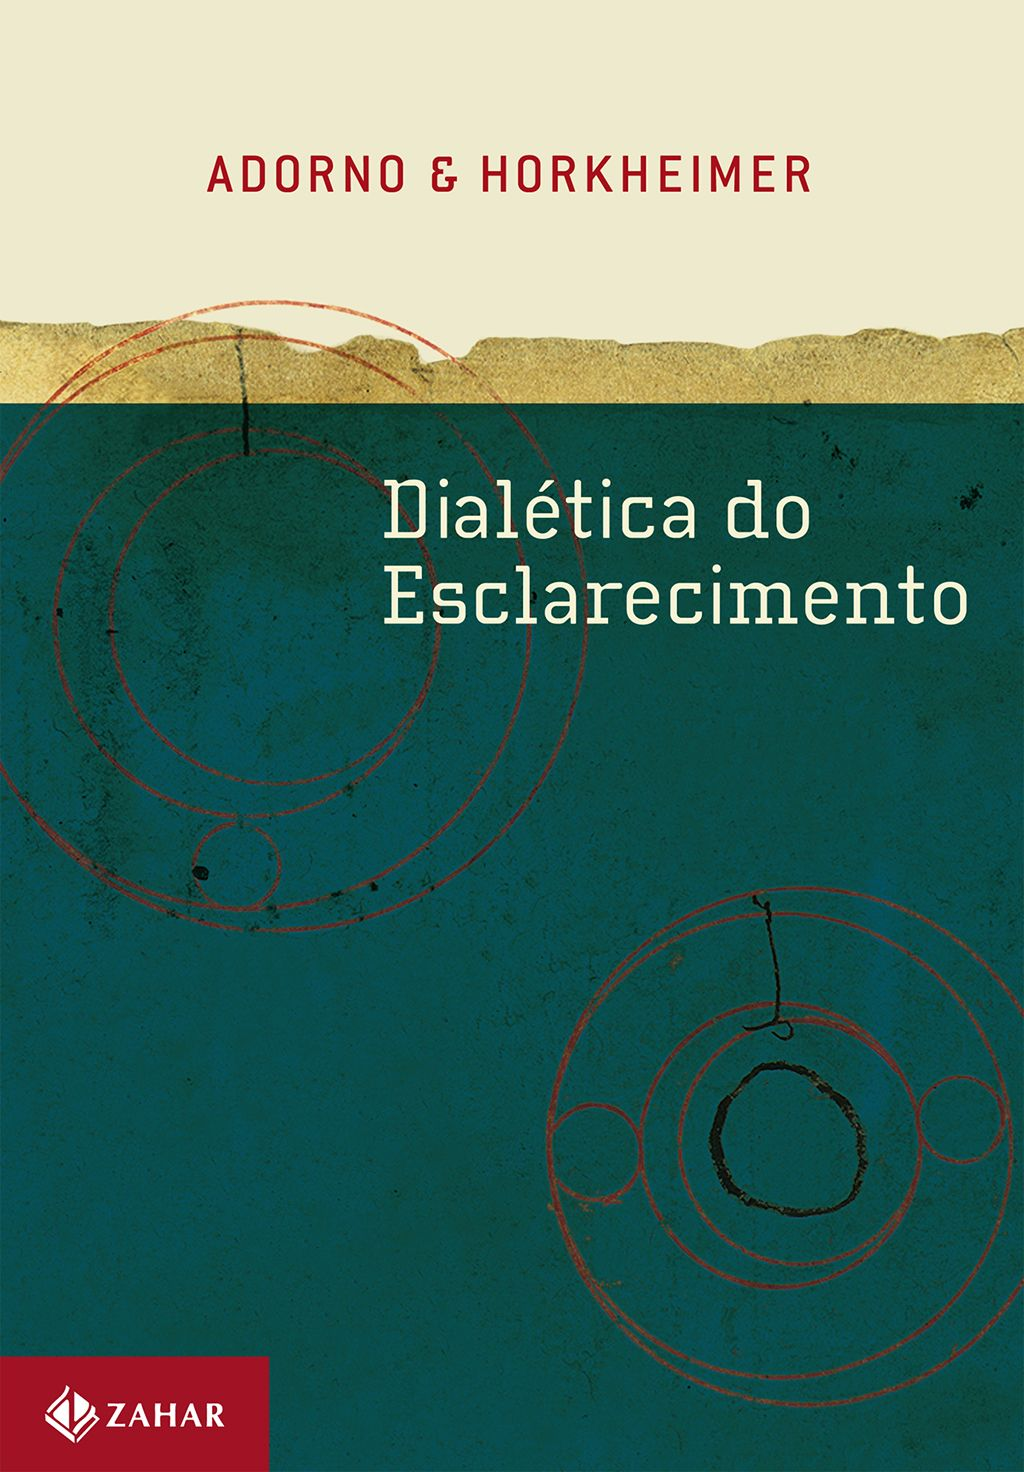 Dialetica Do Esclarecimento Theodor Adorno Sugestoes De Livros